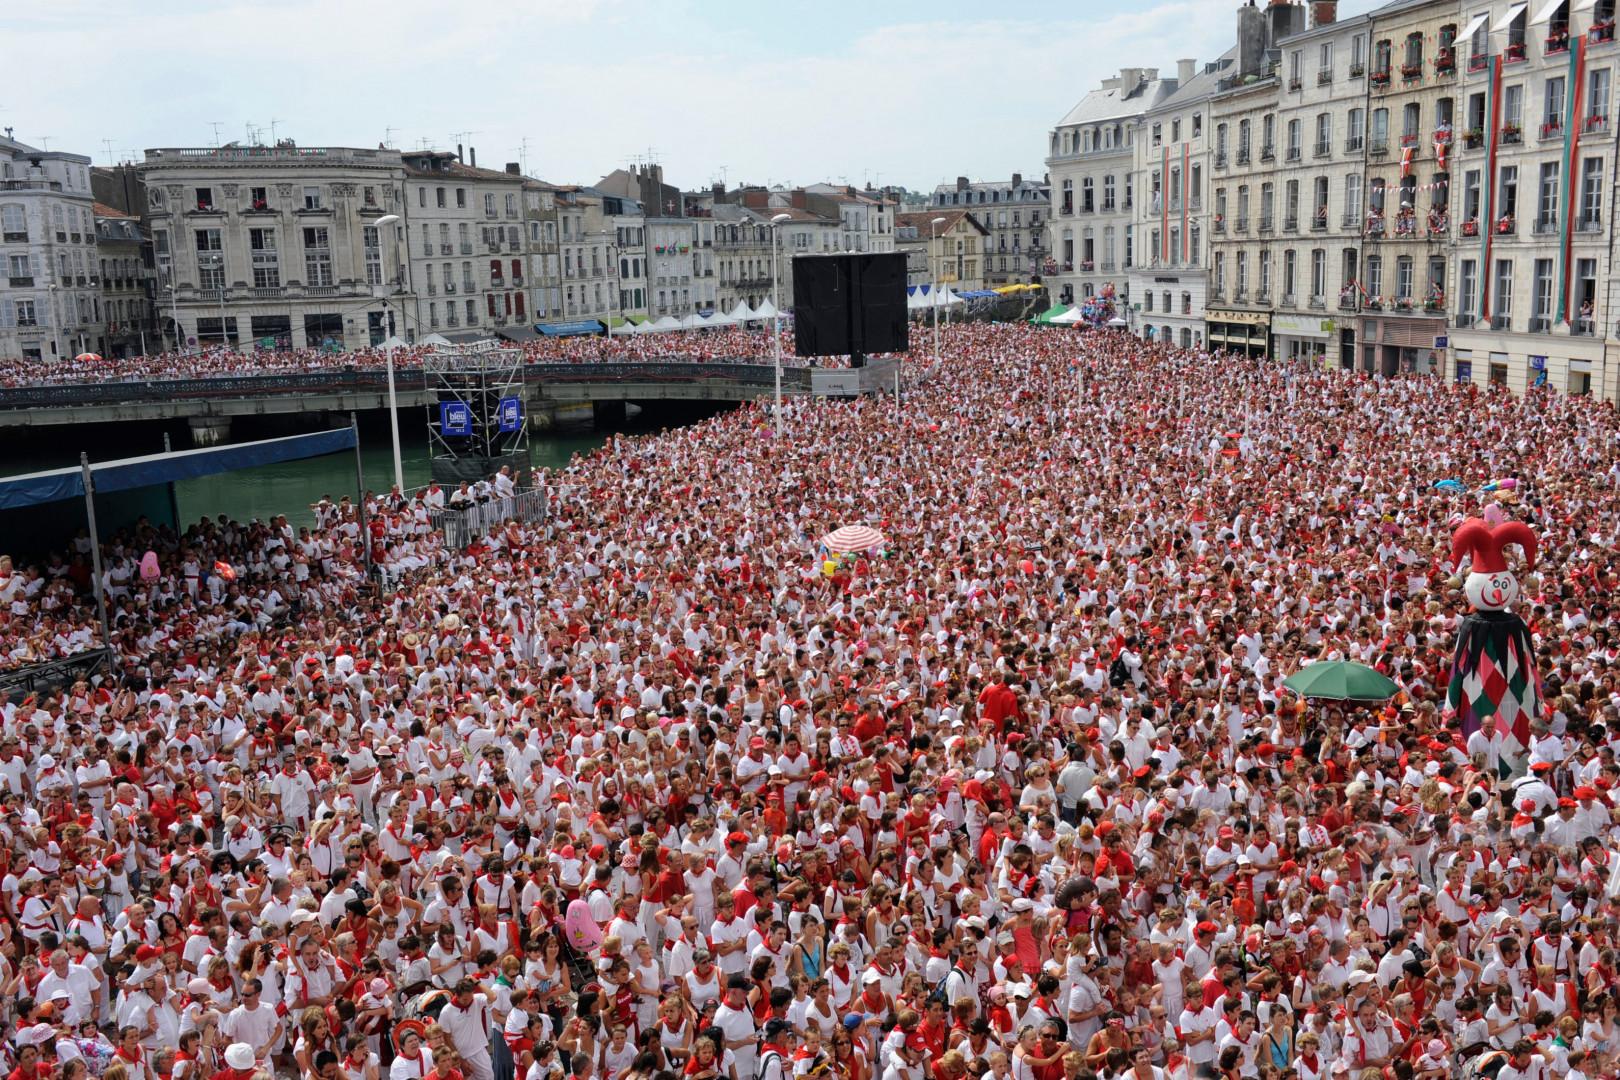 Les festivaliers s'habillent traditionnellement en blanc et rouge